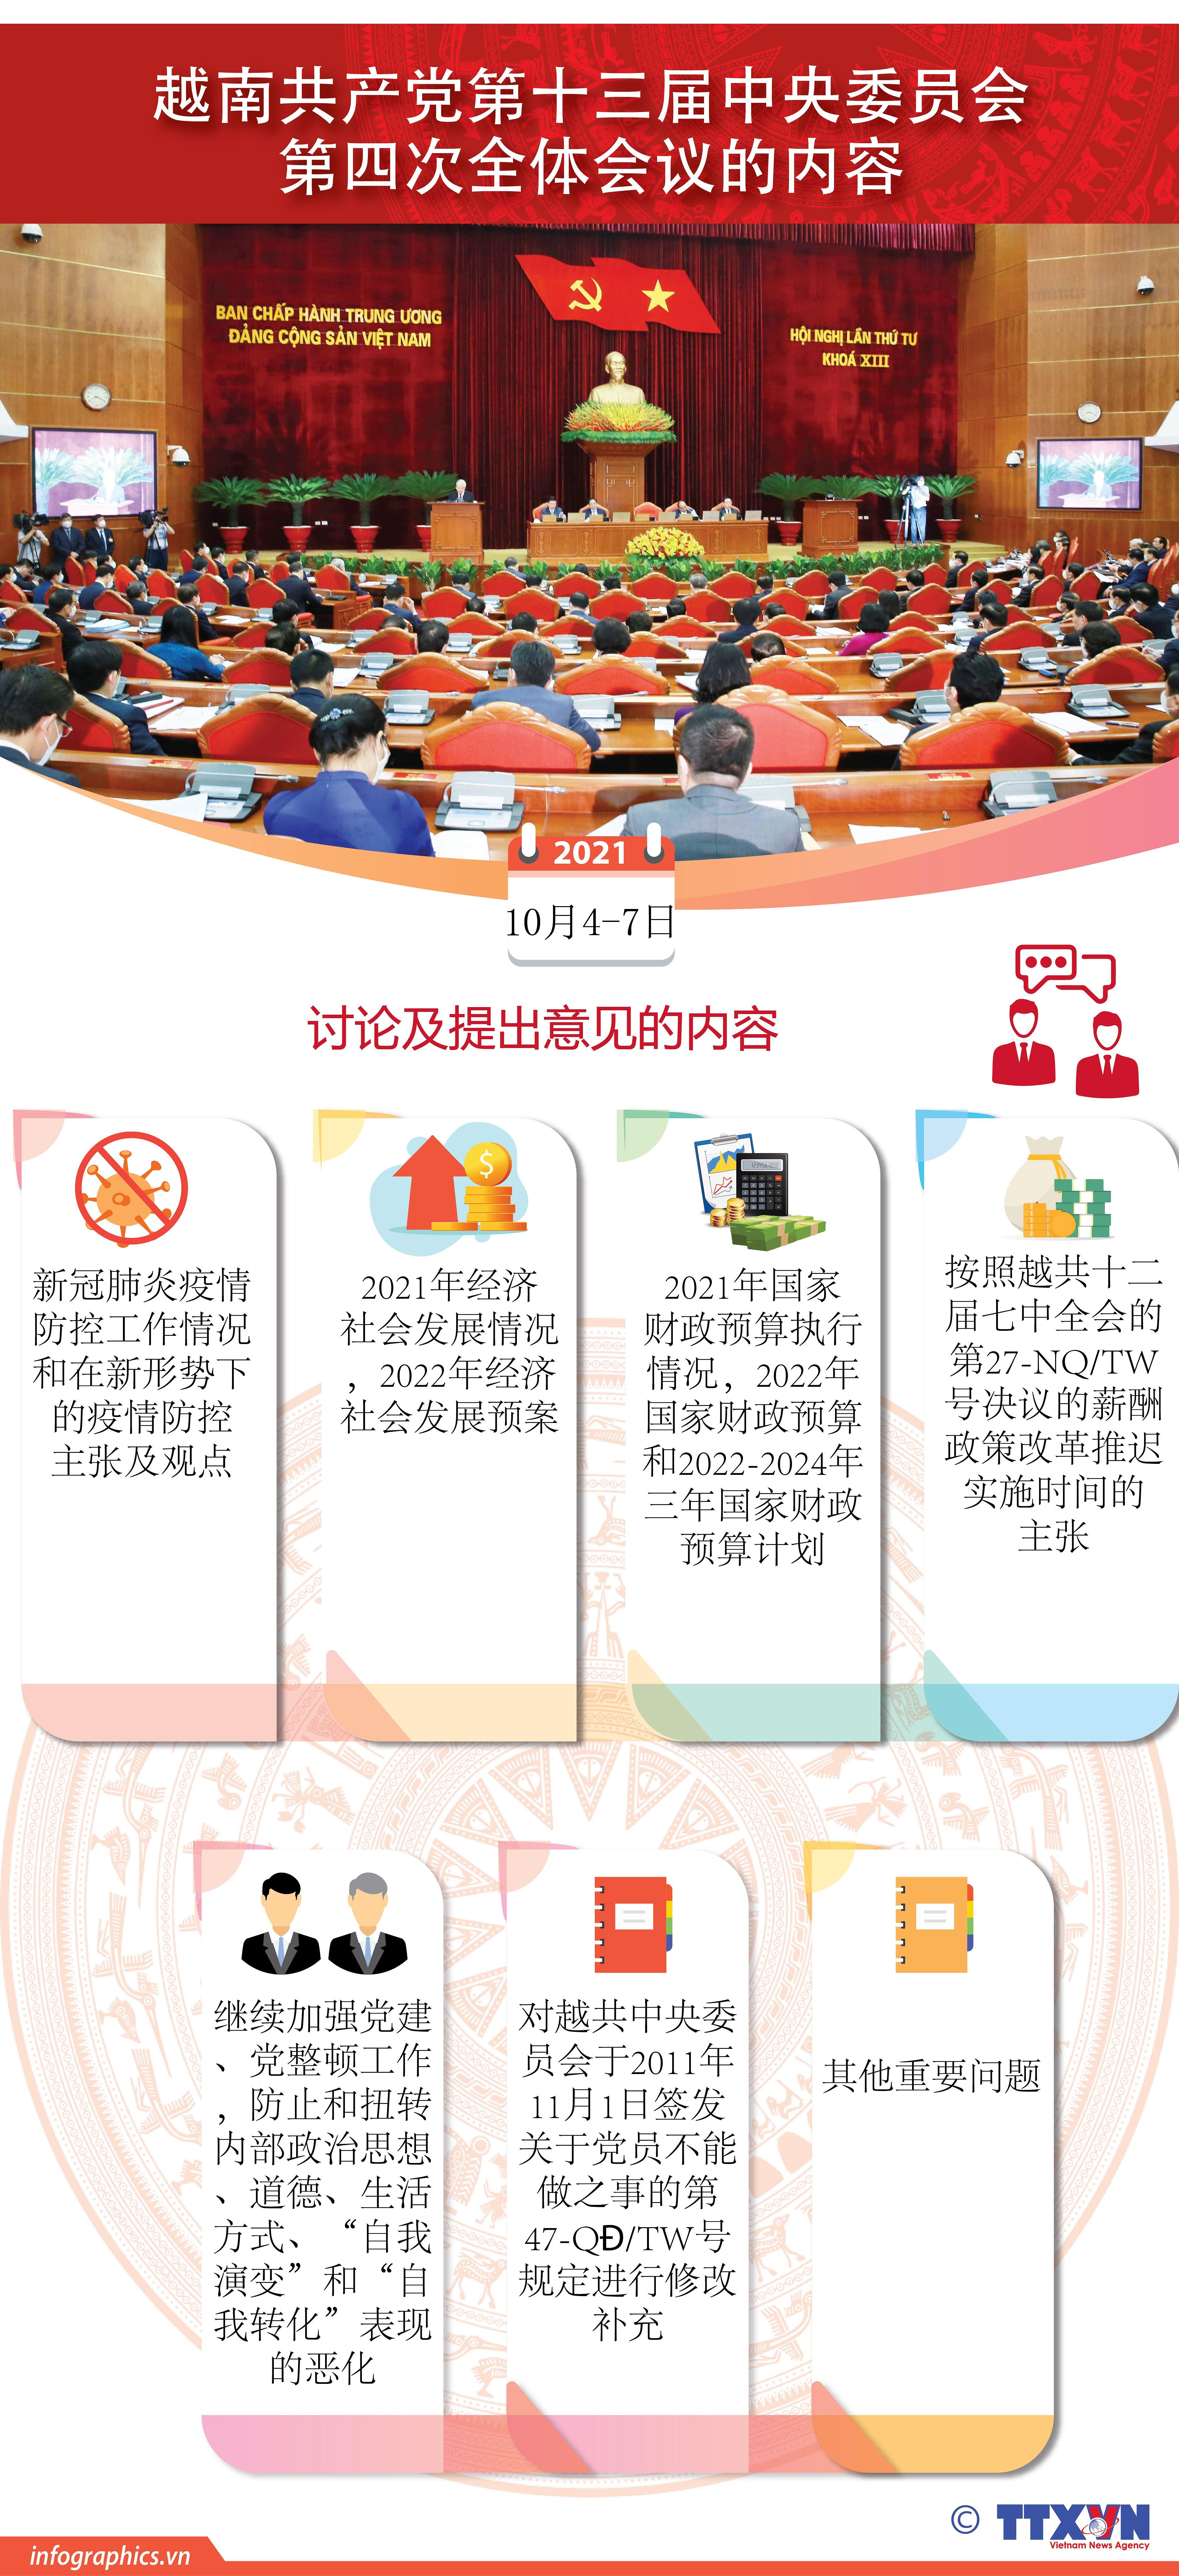 图表新闻:越共第十三届中央委员会第四次全体会议的内容 hinh anh 1